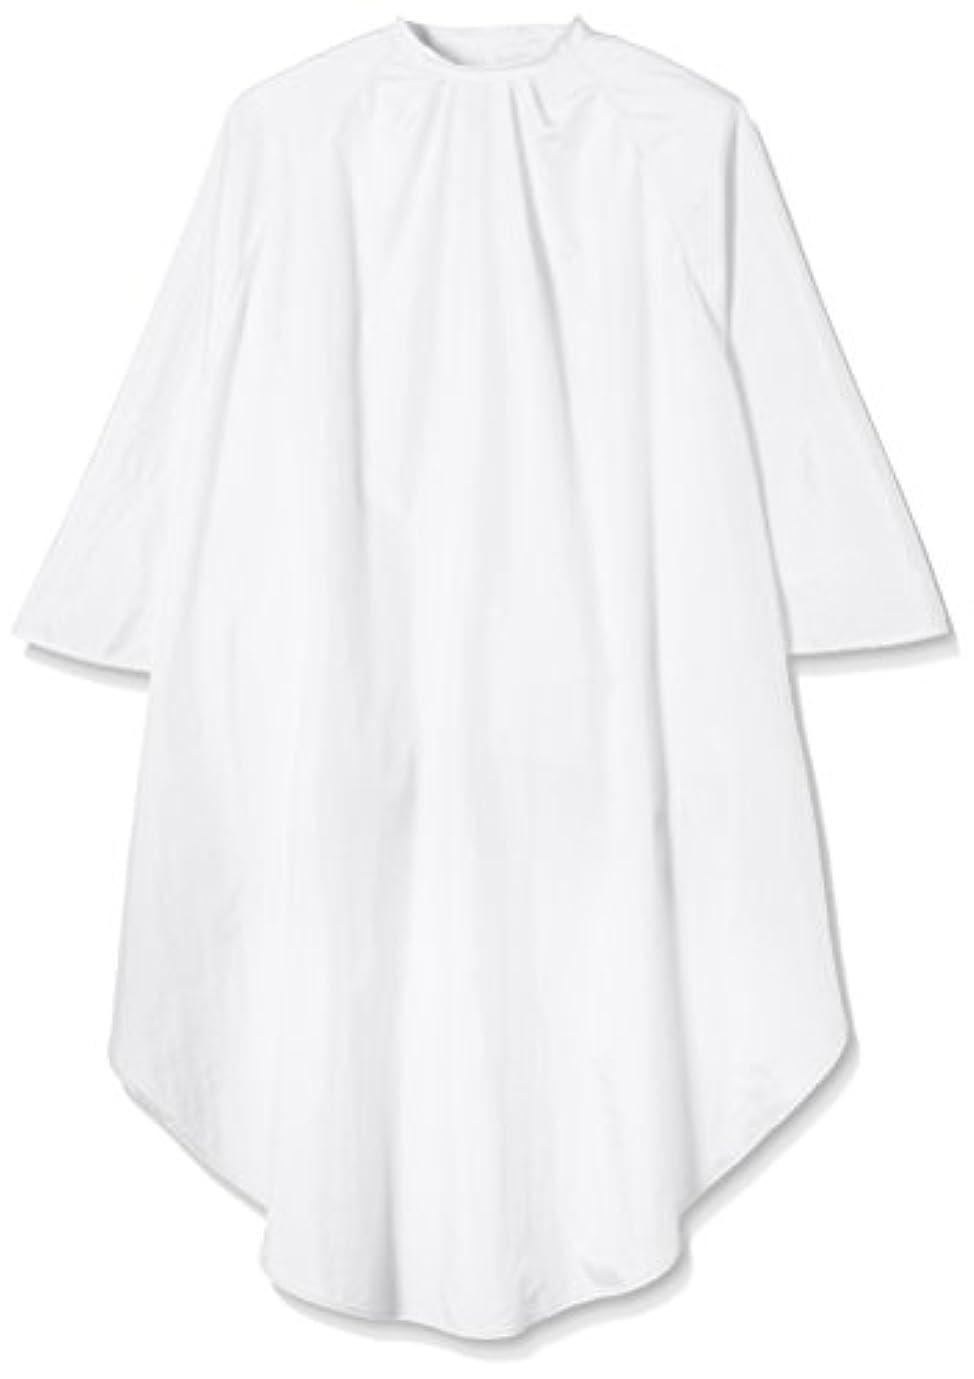 即席飽和するバンTBG 袖付きカットクロスATD ホワイト